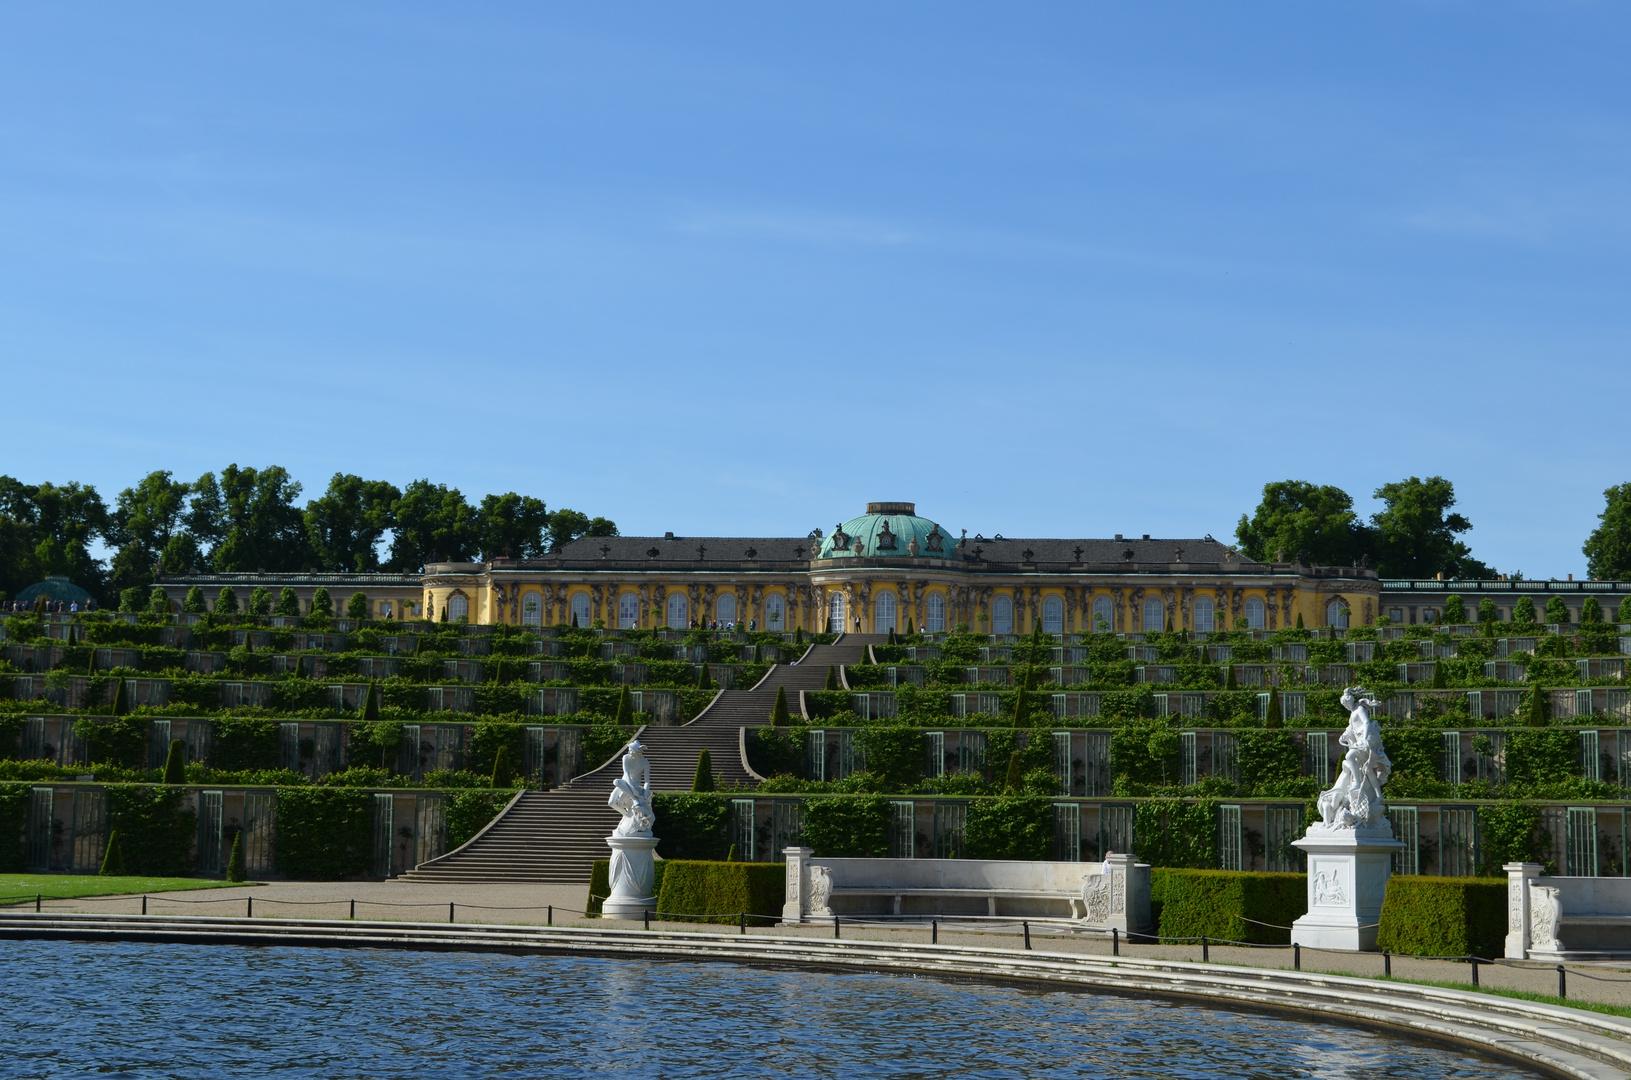 Blick auf das Schloss Sanssouci